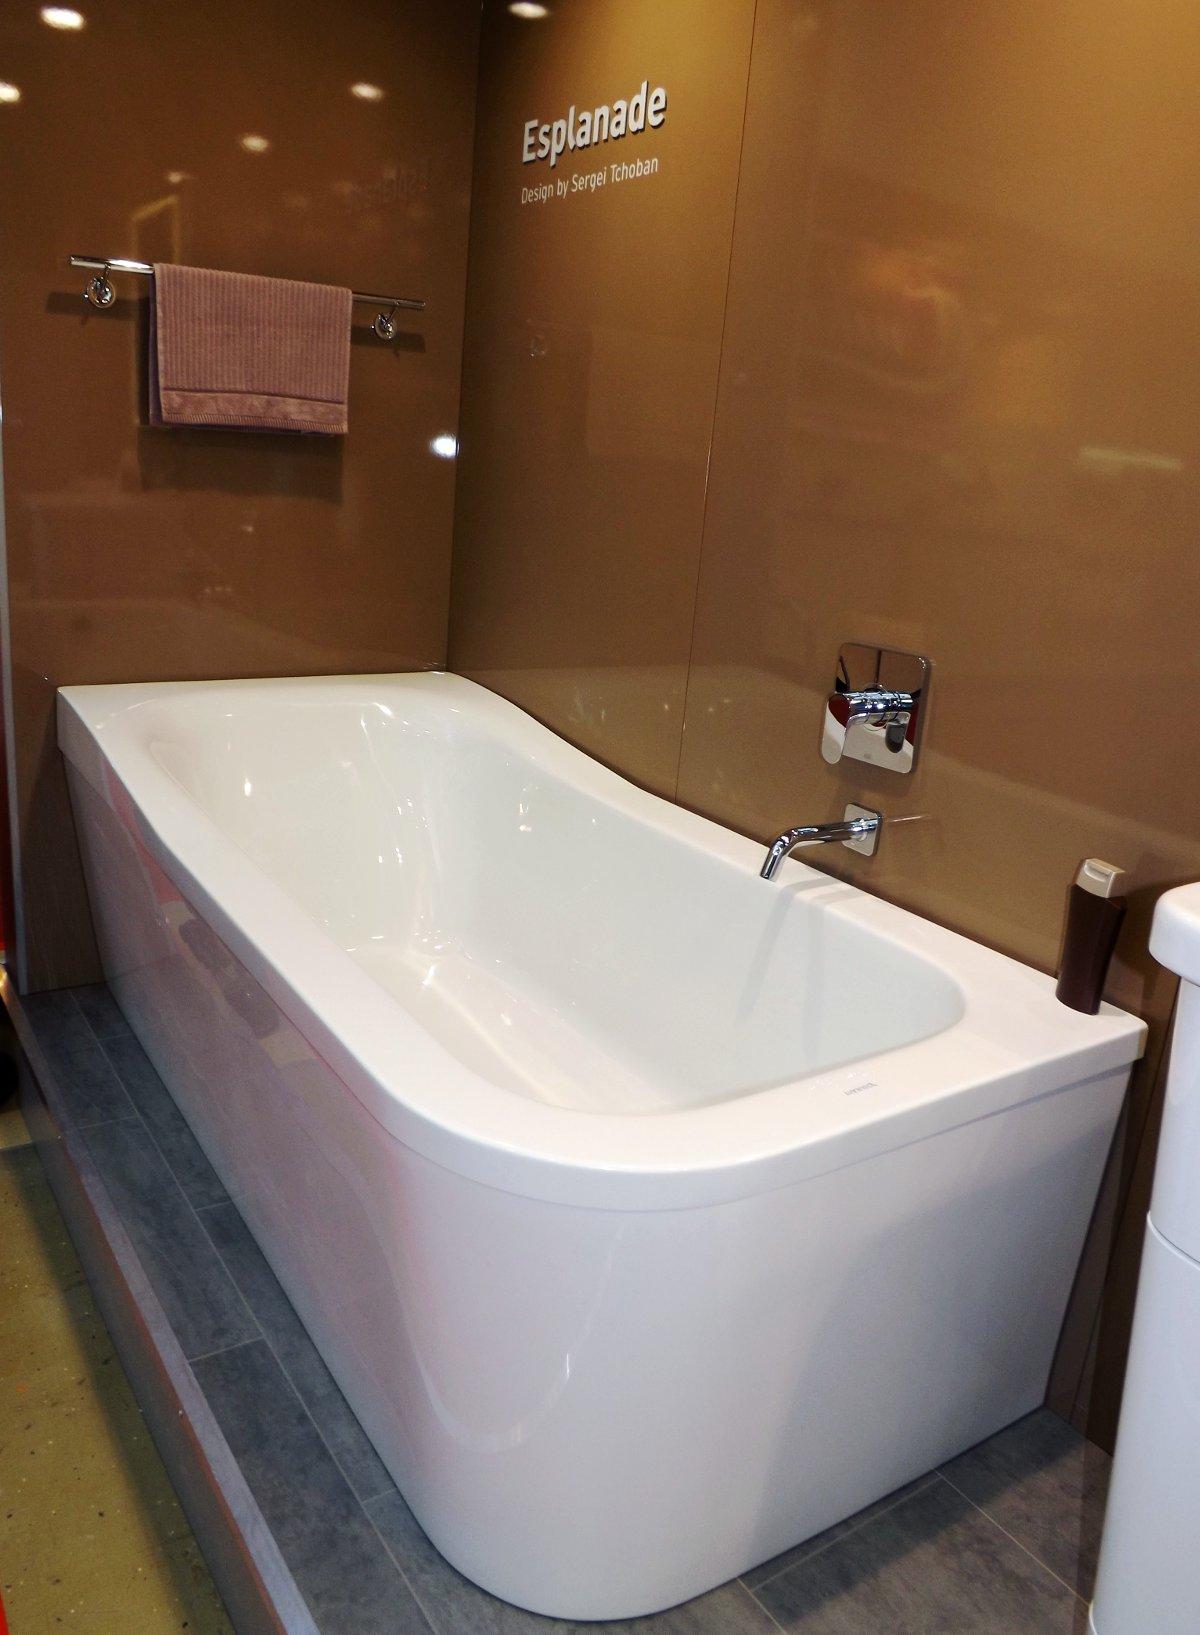 Cмеситель со скрытым типом монтажа над ванной из коллекции ESPLANADE от Duravit на выставке MosBuild 2013